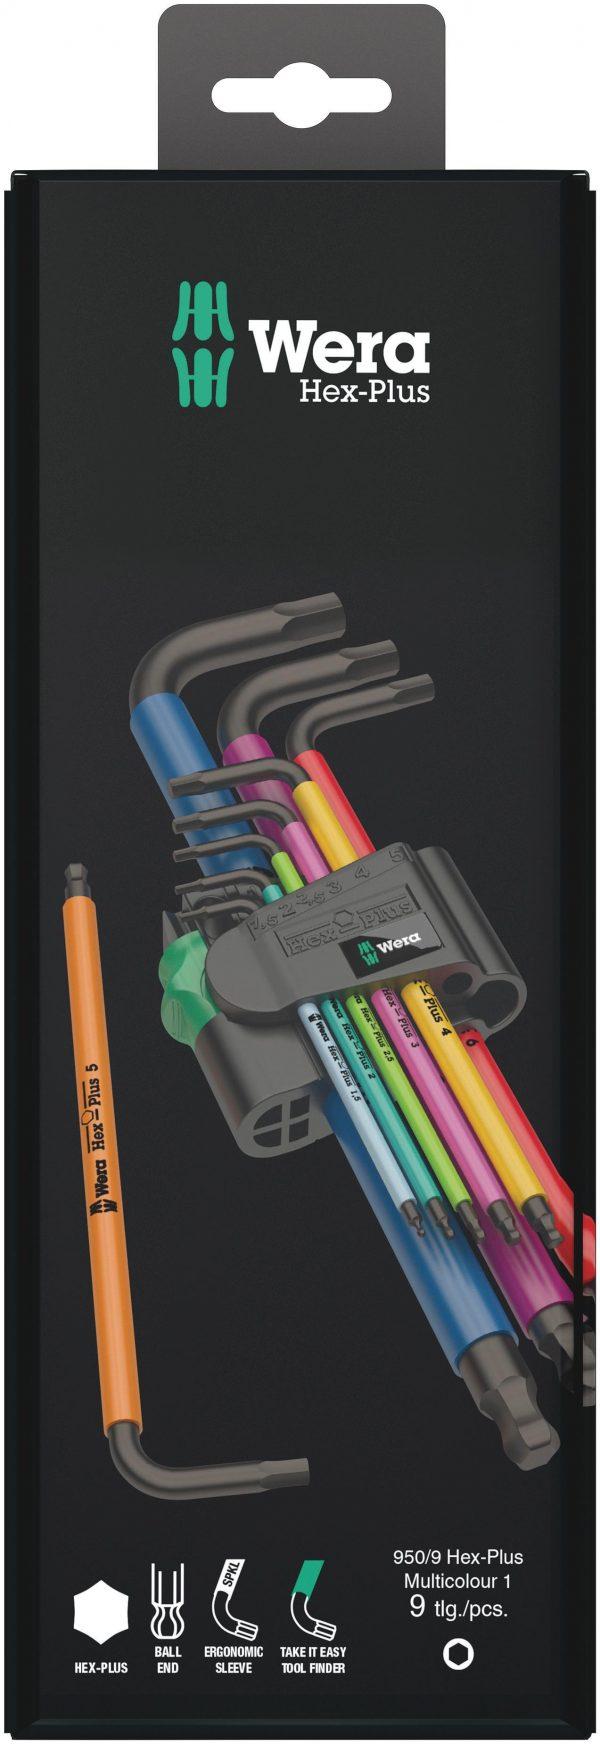 Detailansicht 1 – 950/9 Hex-Plus Multicolour 1 SB SiS